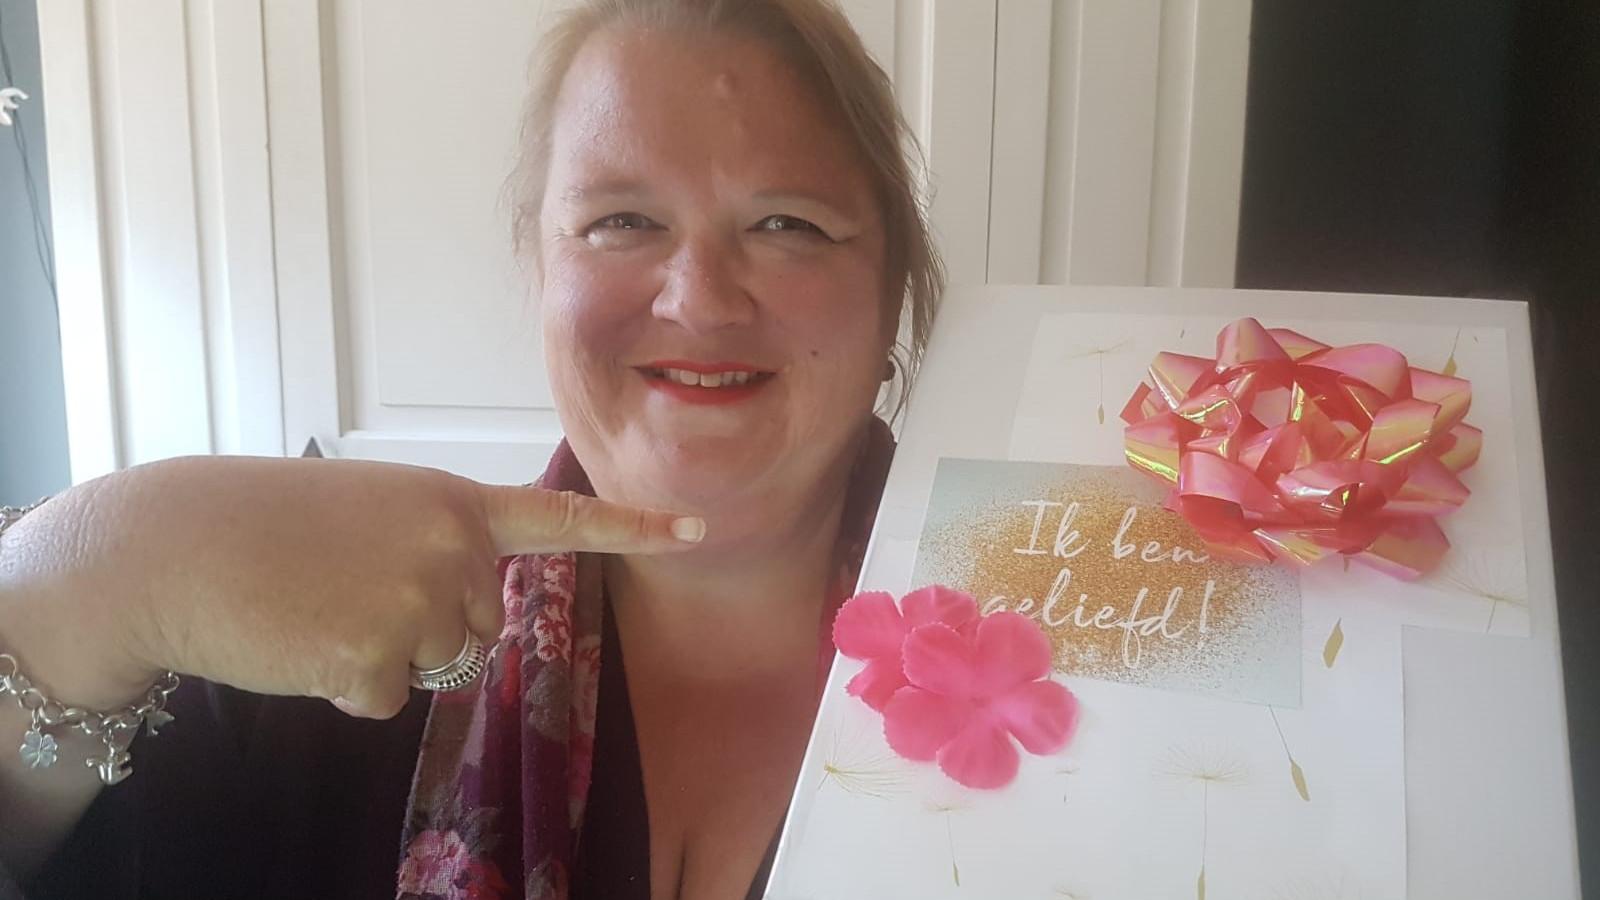 Clublid Tanja Priems maakte een verrassingspakket.    Foto: Soroptimistclub Hoorn